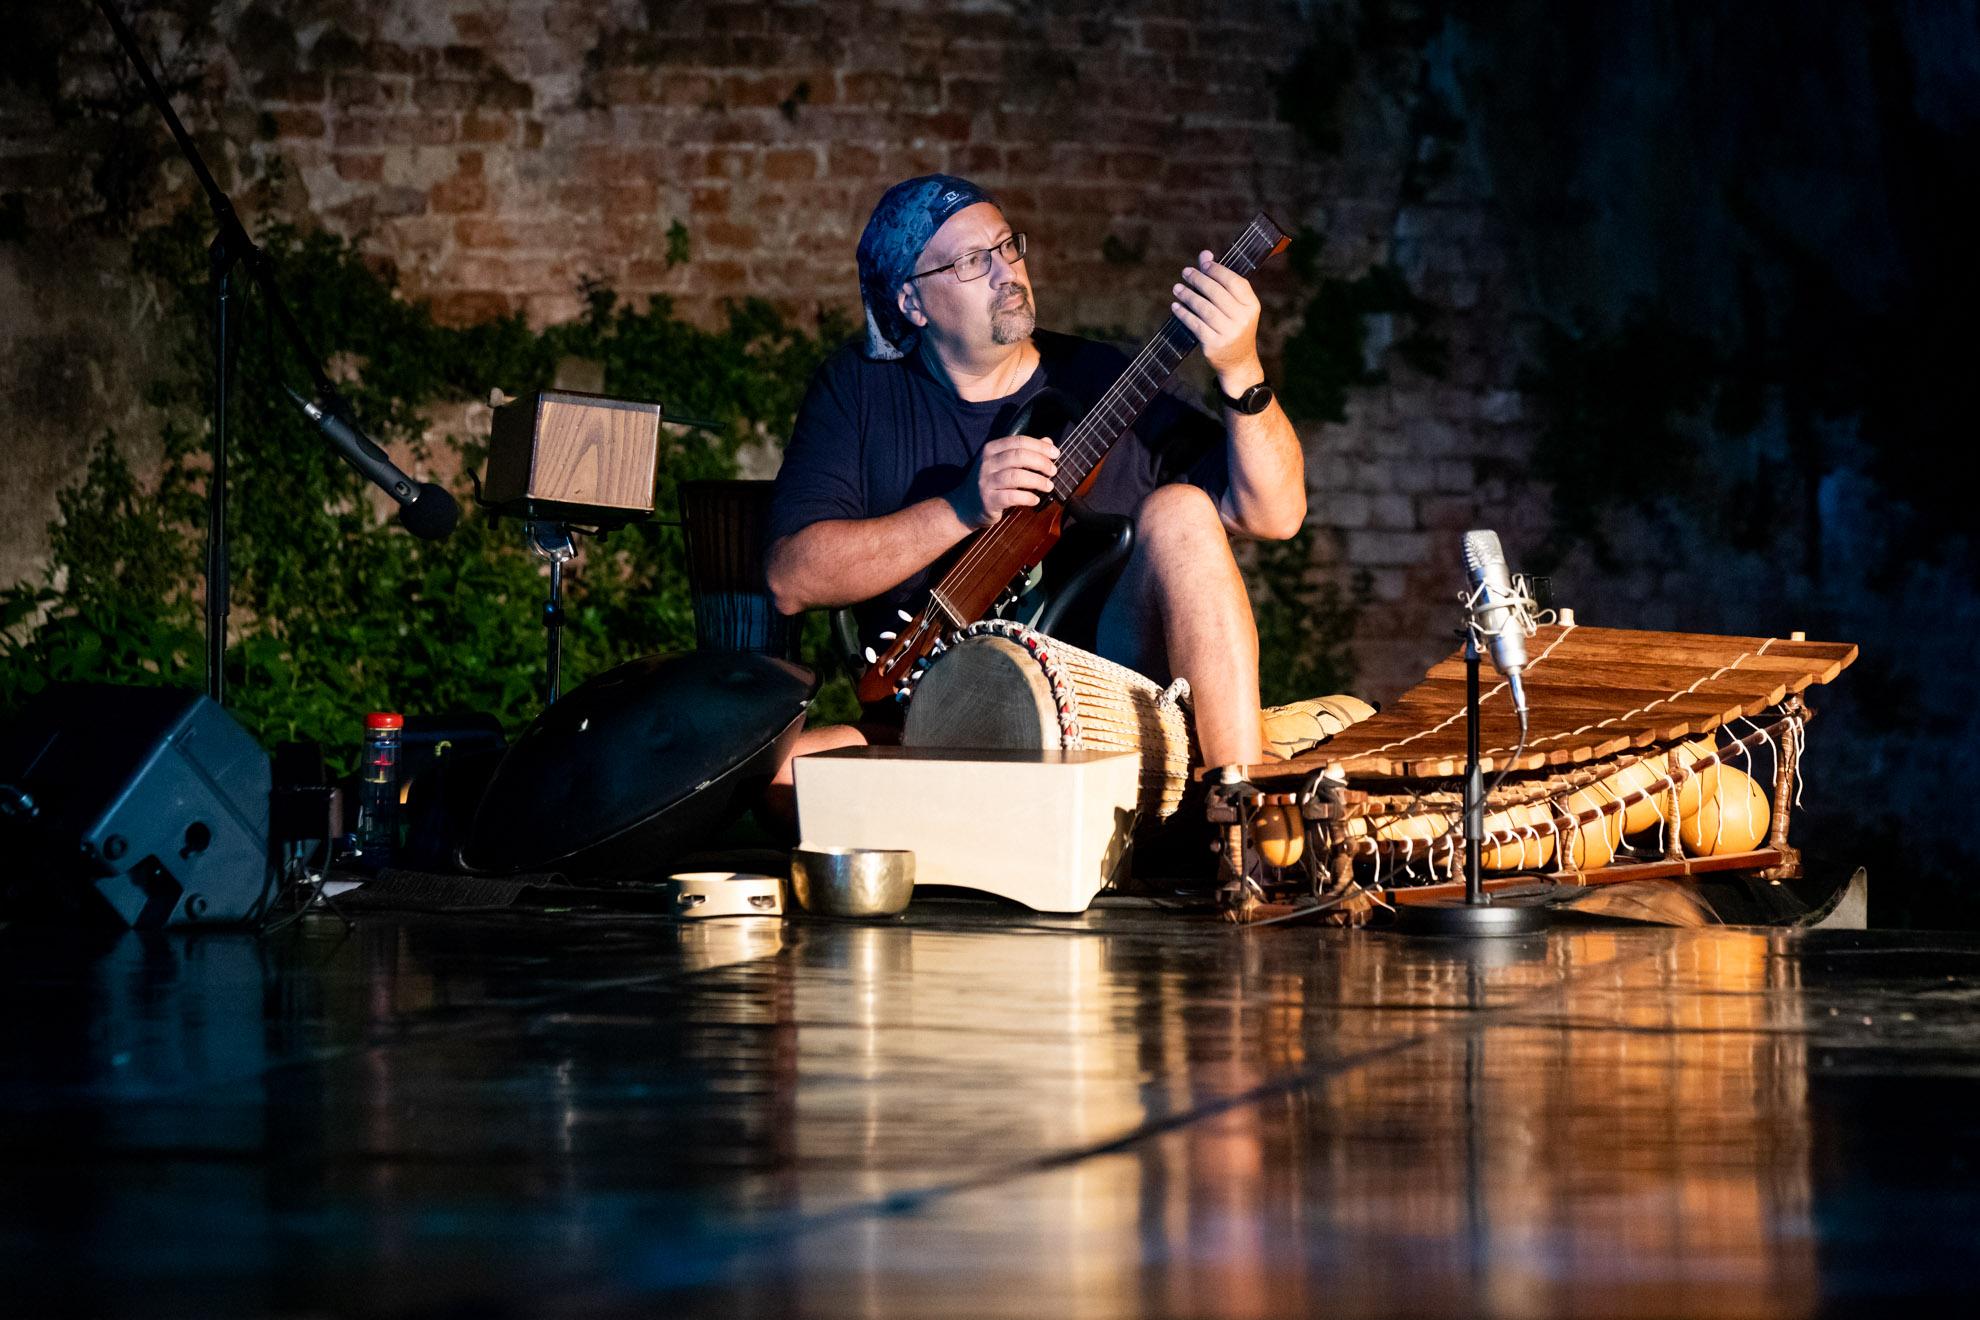 Davide Anzaldi - Musicista poli strumentista PERCmob - Esplorazioni contemporanee